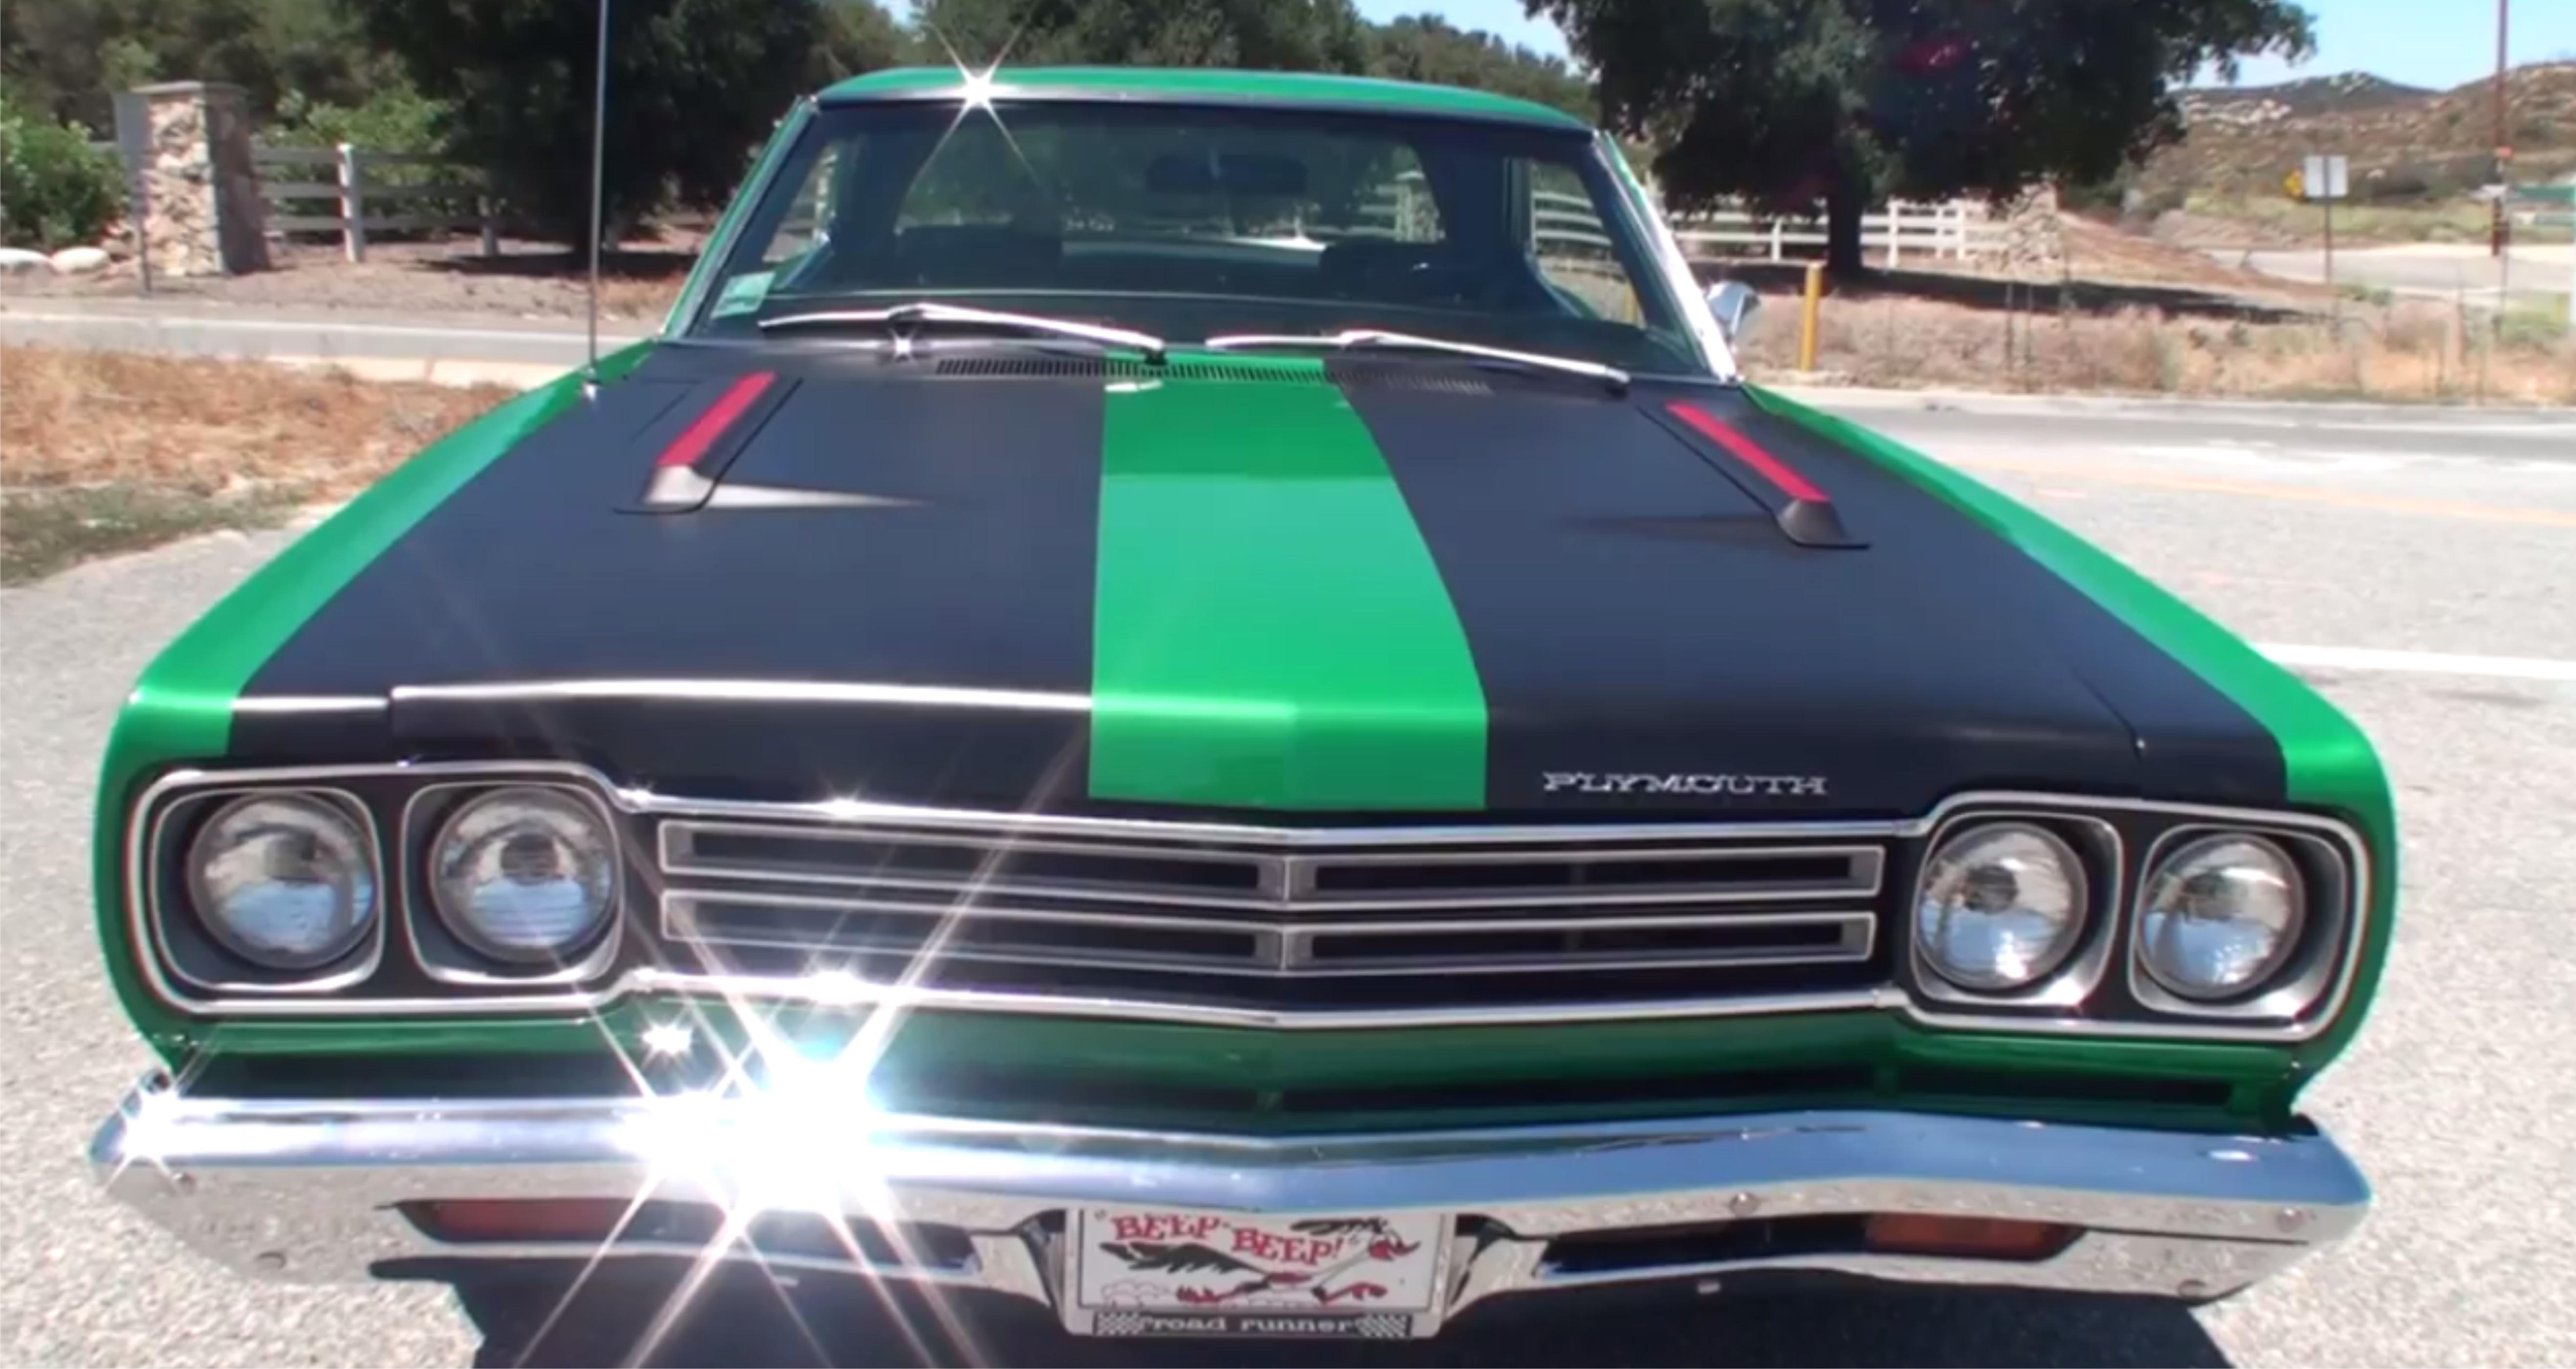 Road Runner Radio,1969 Plymouth Mopar - TOP HOT CARS